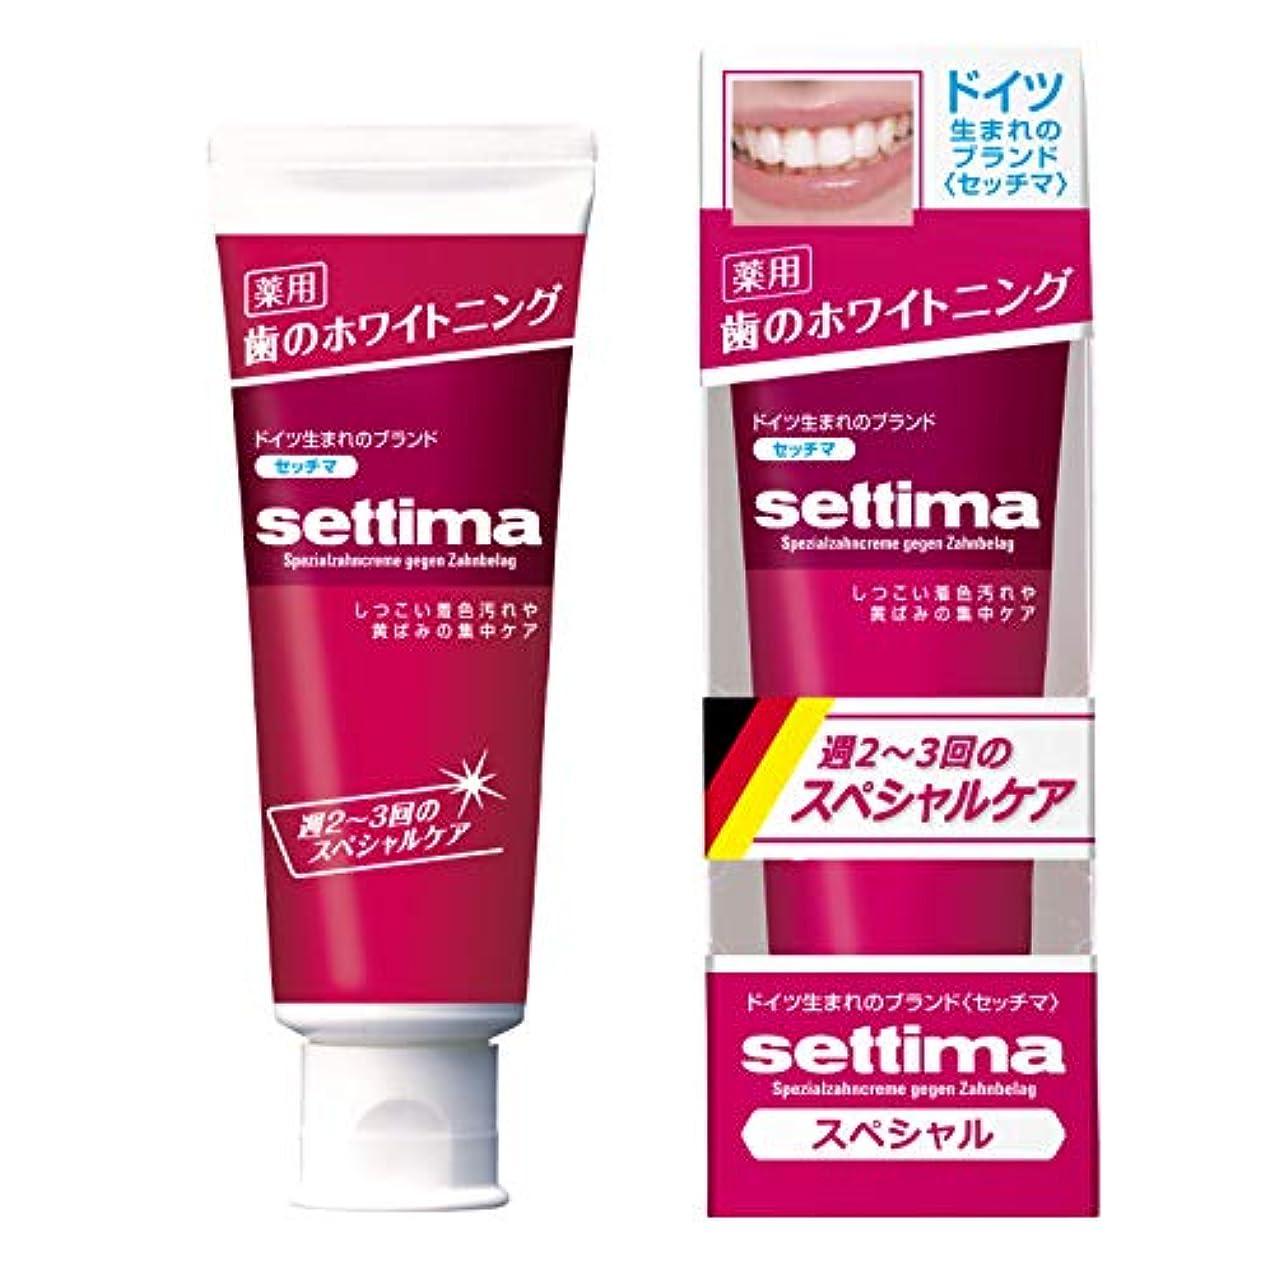 ドキュメンタリー時間とともに八百屋[医薬部外品] settima(セッチマ) ホワイトニング 歯みがき スペシャルケア [ペパーミントタイプ] <ステインケア タバコのヤニ取り フッ素配合 虫歯予防> 80g